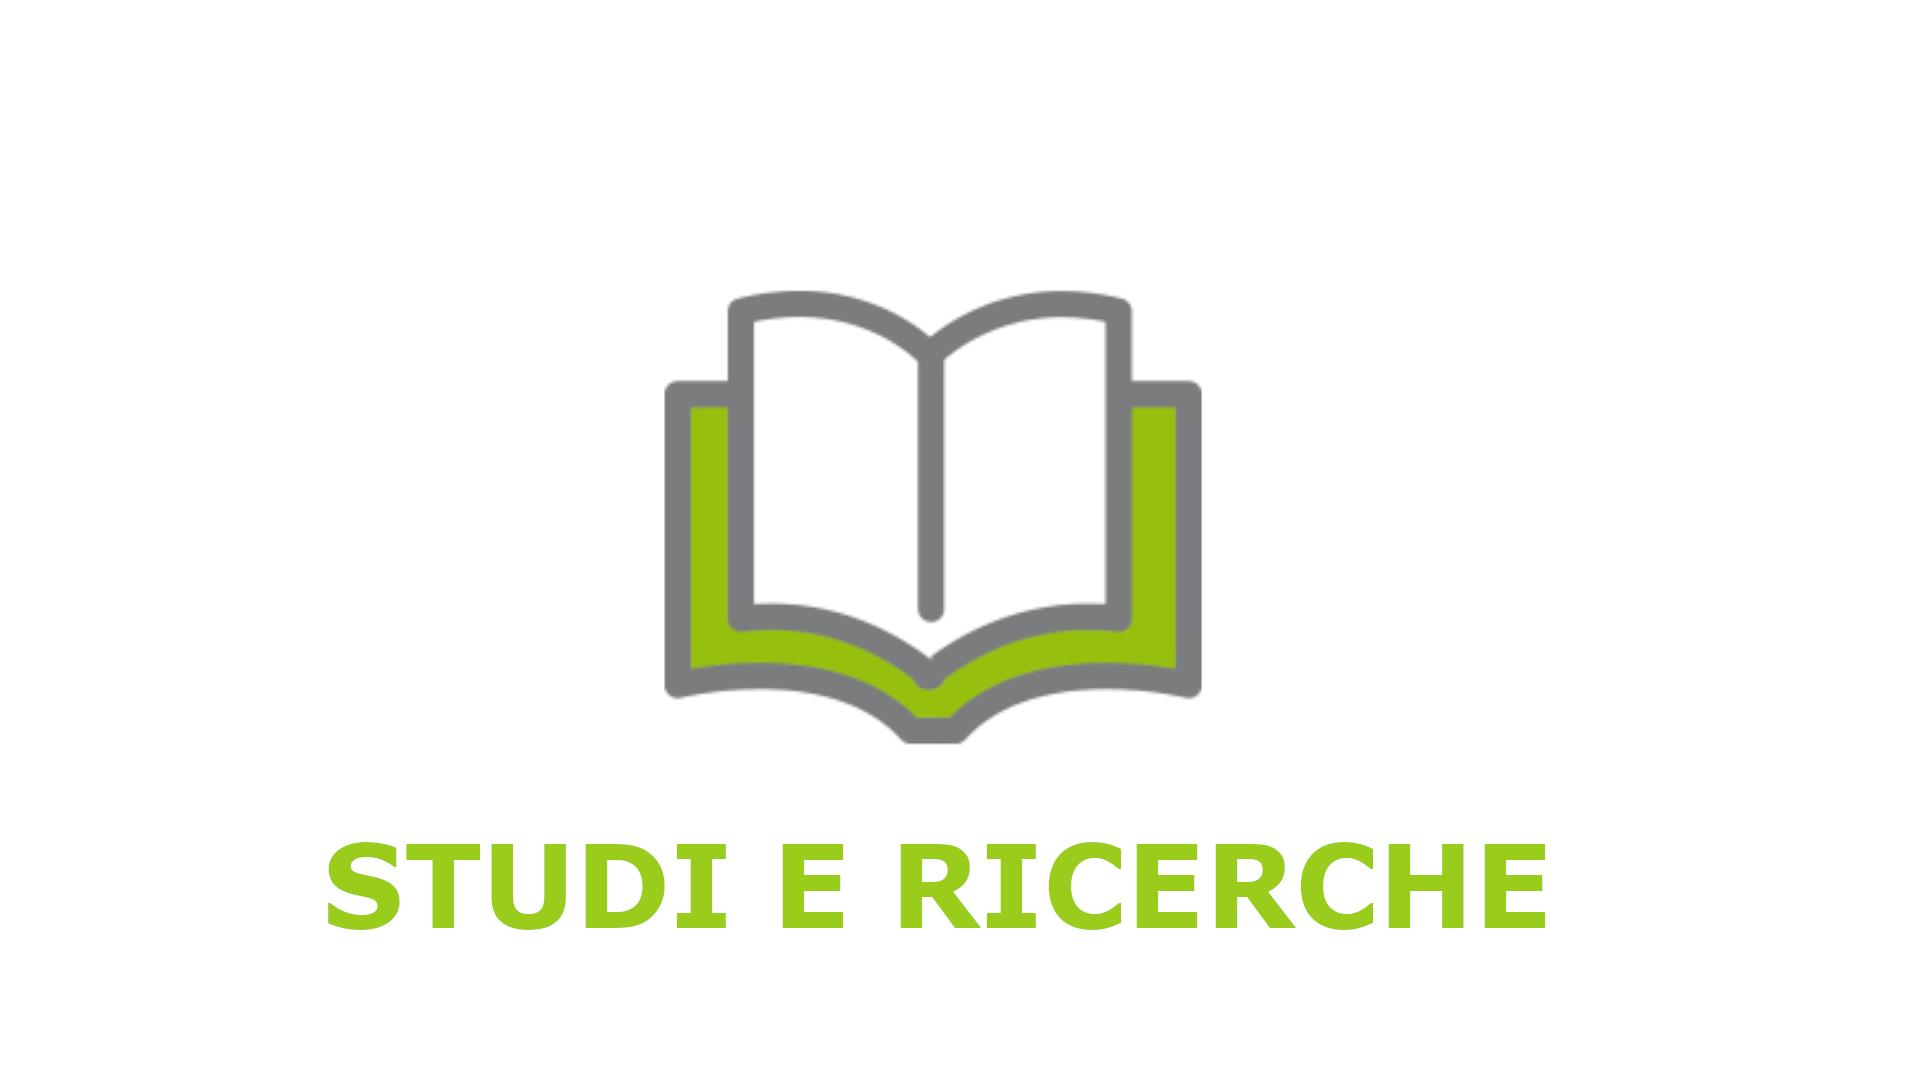 STUDI_RICERCHE